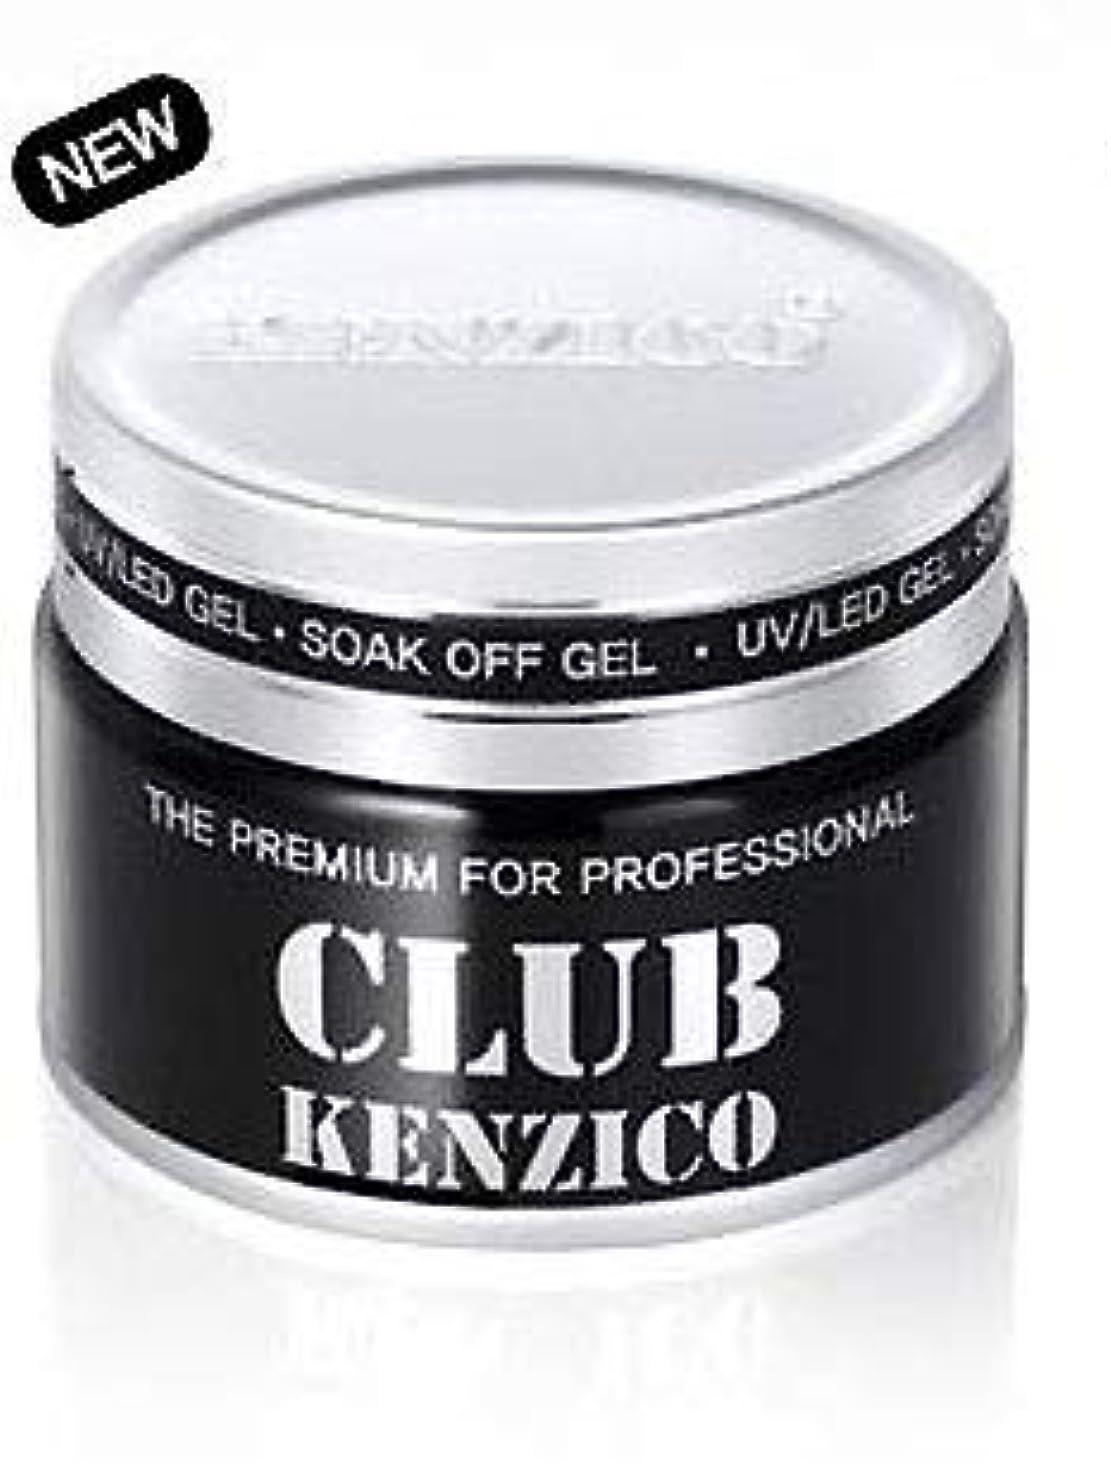 バイパス力強い平日KENZICO (ケンジコ) クリアージェル 25g オーバーレイ、スカルプチュア、ネイルパーツ作りなどに使えるクリアジェル